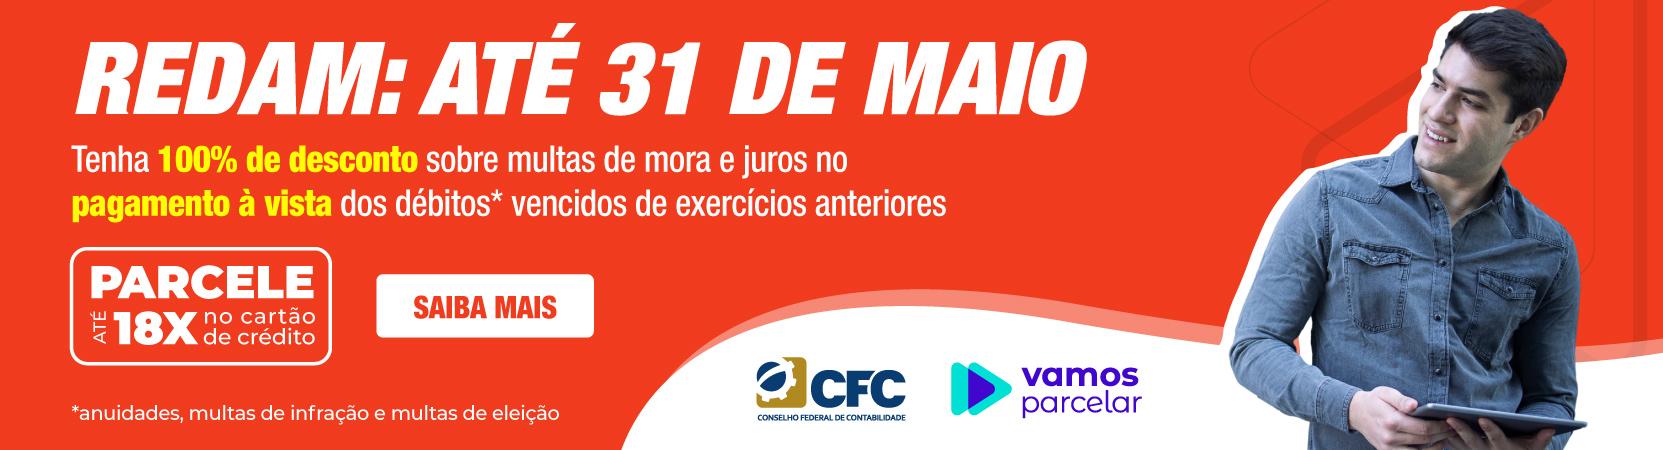 Prazo para regularizar débitos junto aos CRCs com redução de 100% sobre multa de mora e juros encerra no dia 31 de maio